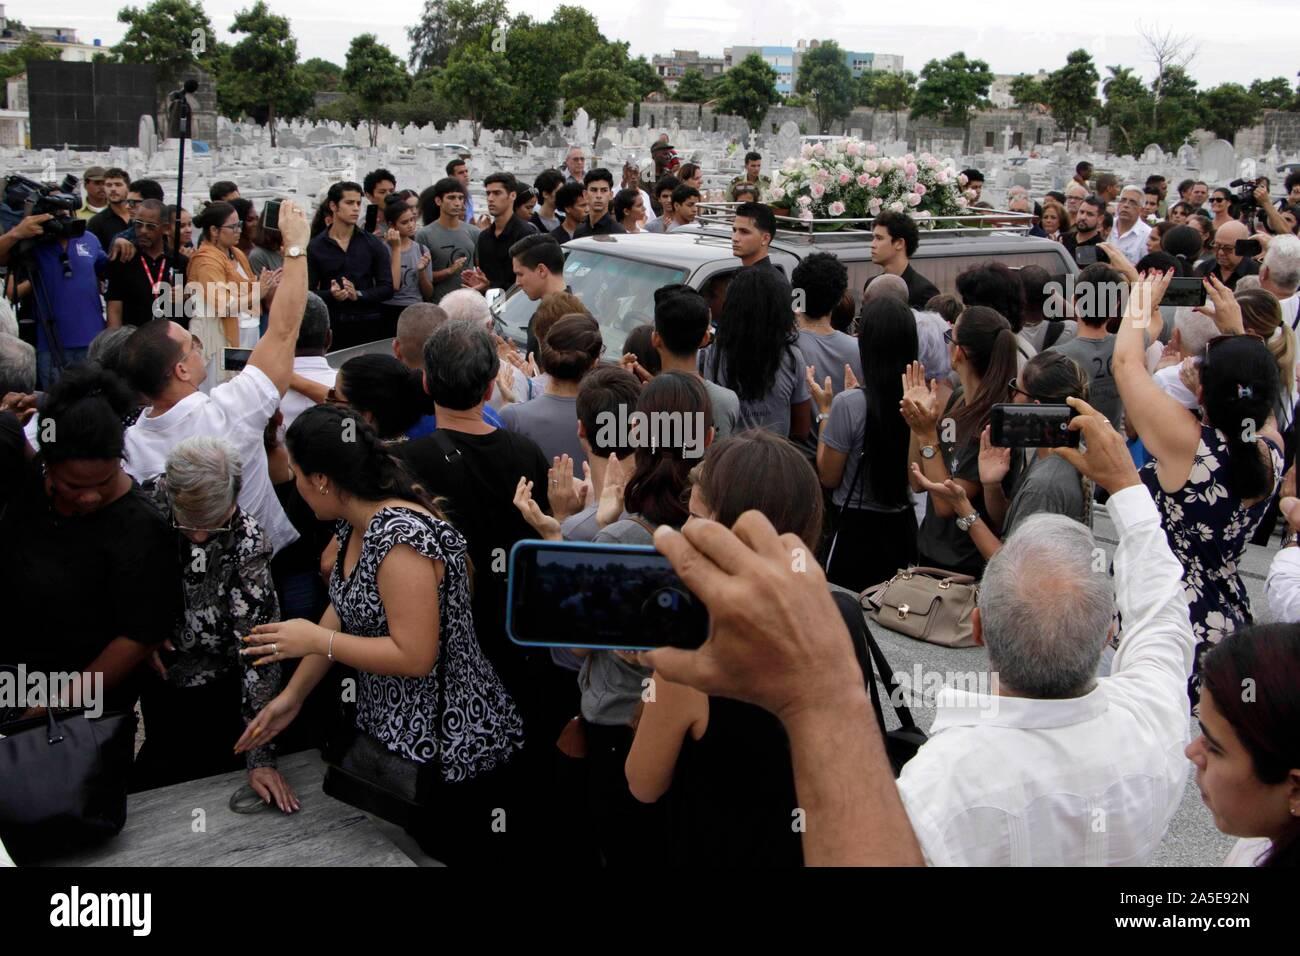 """(191020) -- L'AVANA, 20 ott. 2019 (Xinhua) -- Il funebre di Cuba il prima ballerina Alicia Alonso arriva presso il cimitero di Colon a l'Avana, Cuba, Ott. 19, 2019. Oltre 20.000 i cubani ha detto addio il sabato alla famosa ballerina Alicia Alonso, morto due giorni fa in età di 98. Persone hanno pagato rispetto finale di Alonso a l'Avana del Grand Theatre """" Alicia Alonso' che è chiamato dopo la ballerina e coreografa per evidenziare il suo contributo per il cubano di arte e cultura. (Foto di Joaquin Hernandez/Xinhua) Foto Stock"""